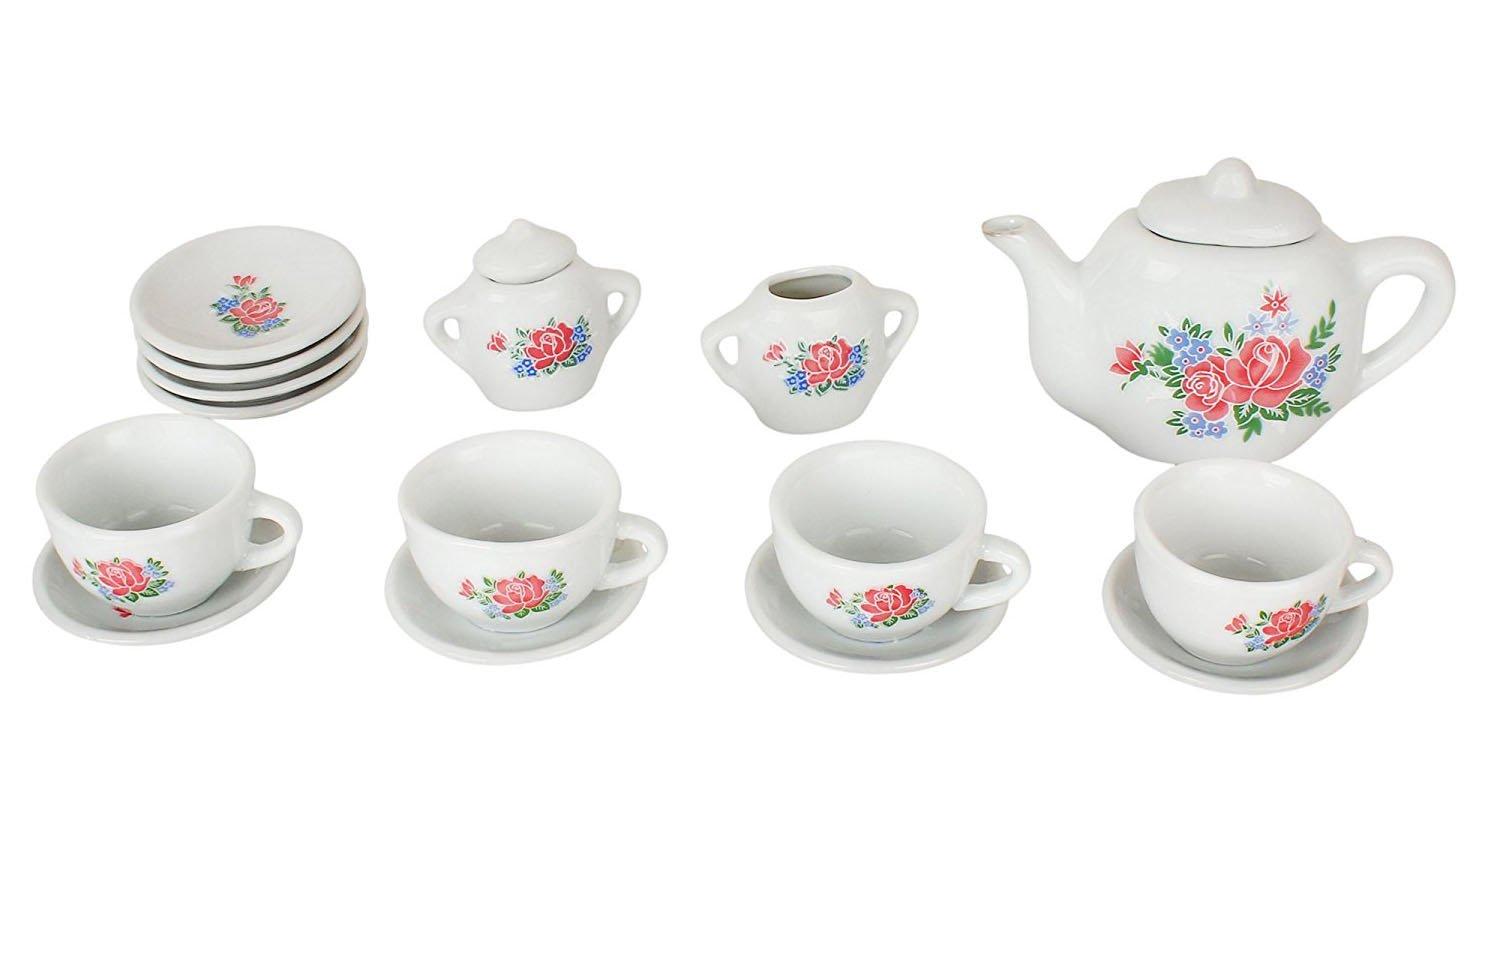 23 Pieces Rose Flower Porcelain Ceramic Tea Set Kitchen Playset Tea Party Children Activities, Party Favors, Home Decoration coolbitz 06252